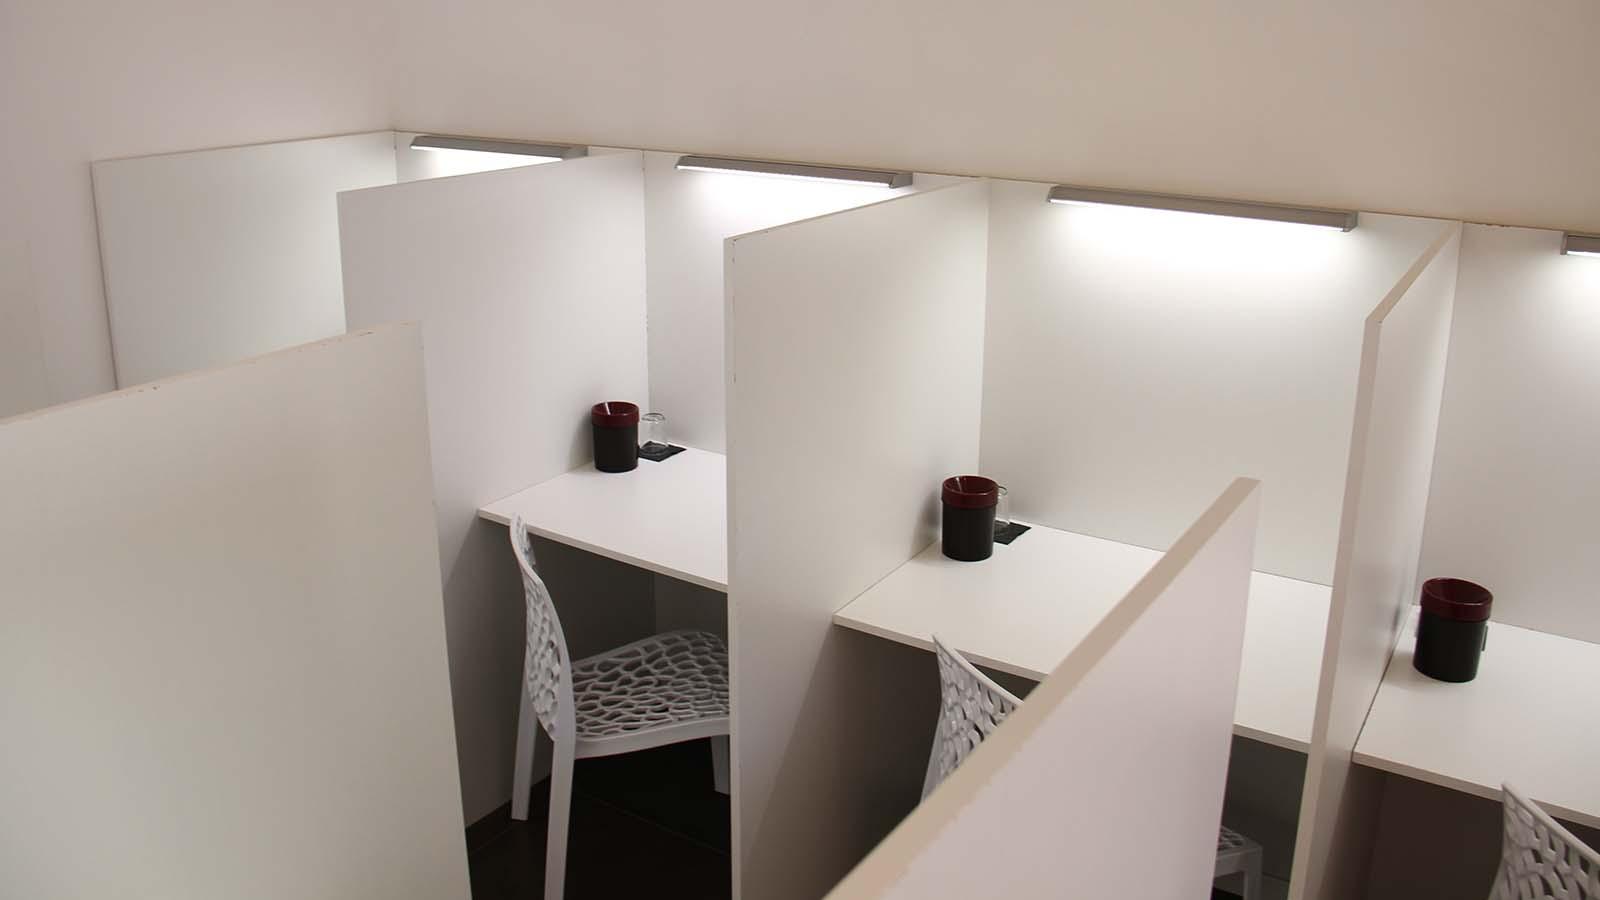 cabines d'analyse sensorielle à Valence école de dégustation produits terroir